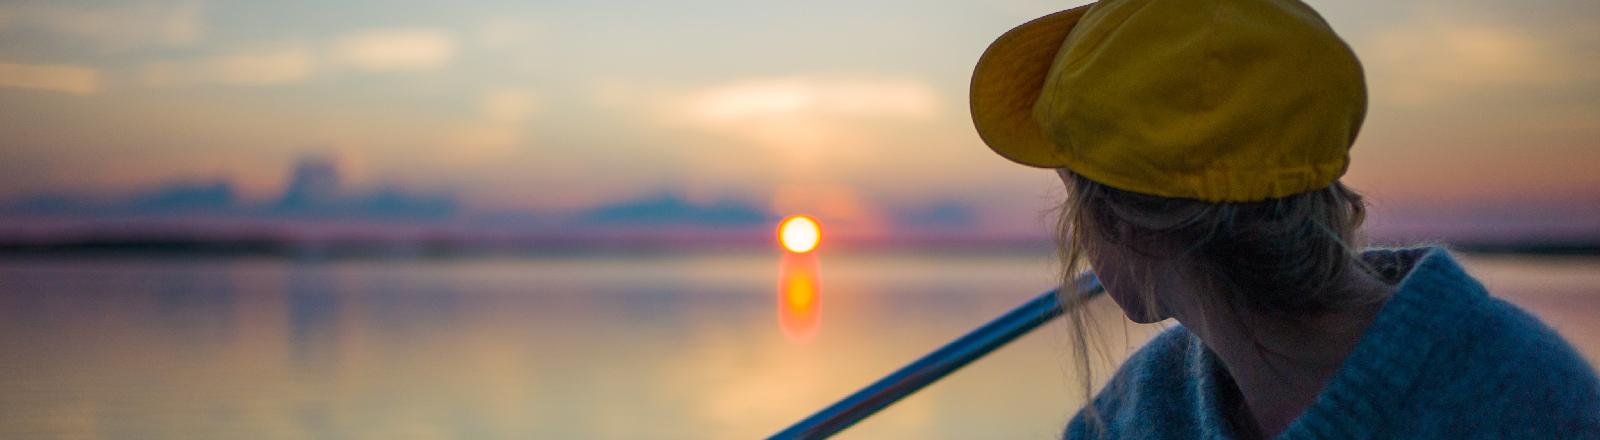 Eine Frau mit Basecap schaut in den Sonnenuntergang.